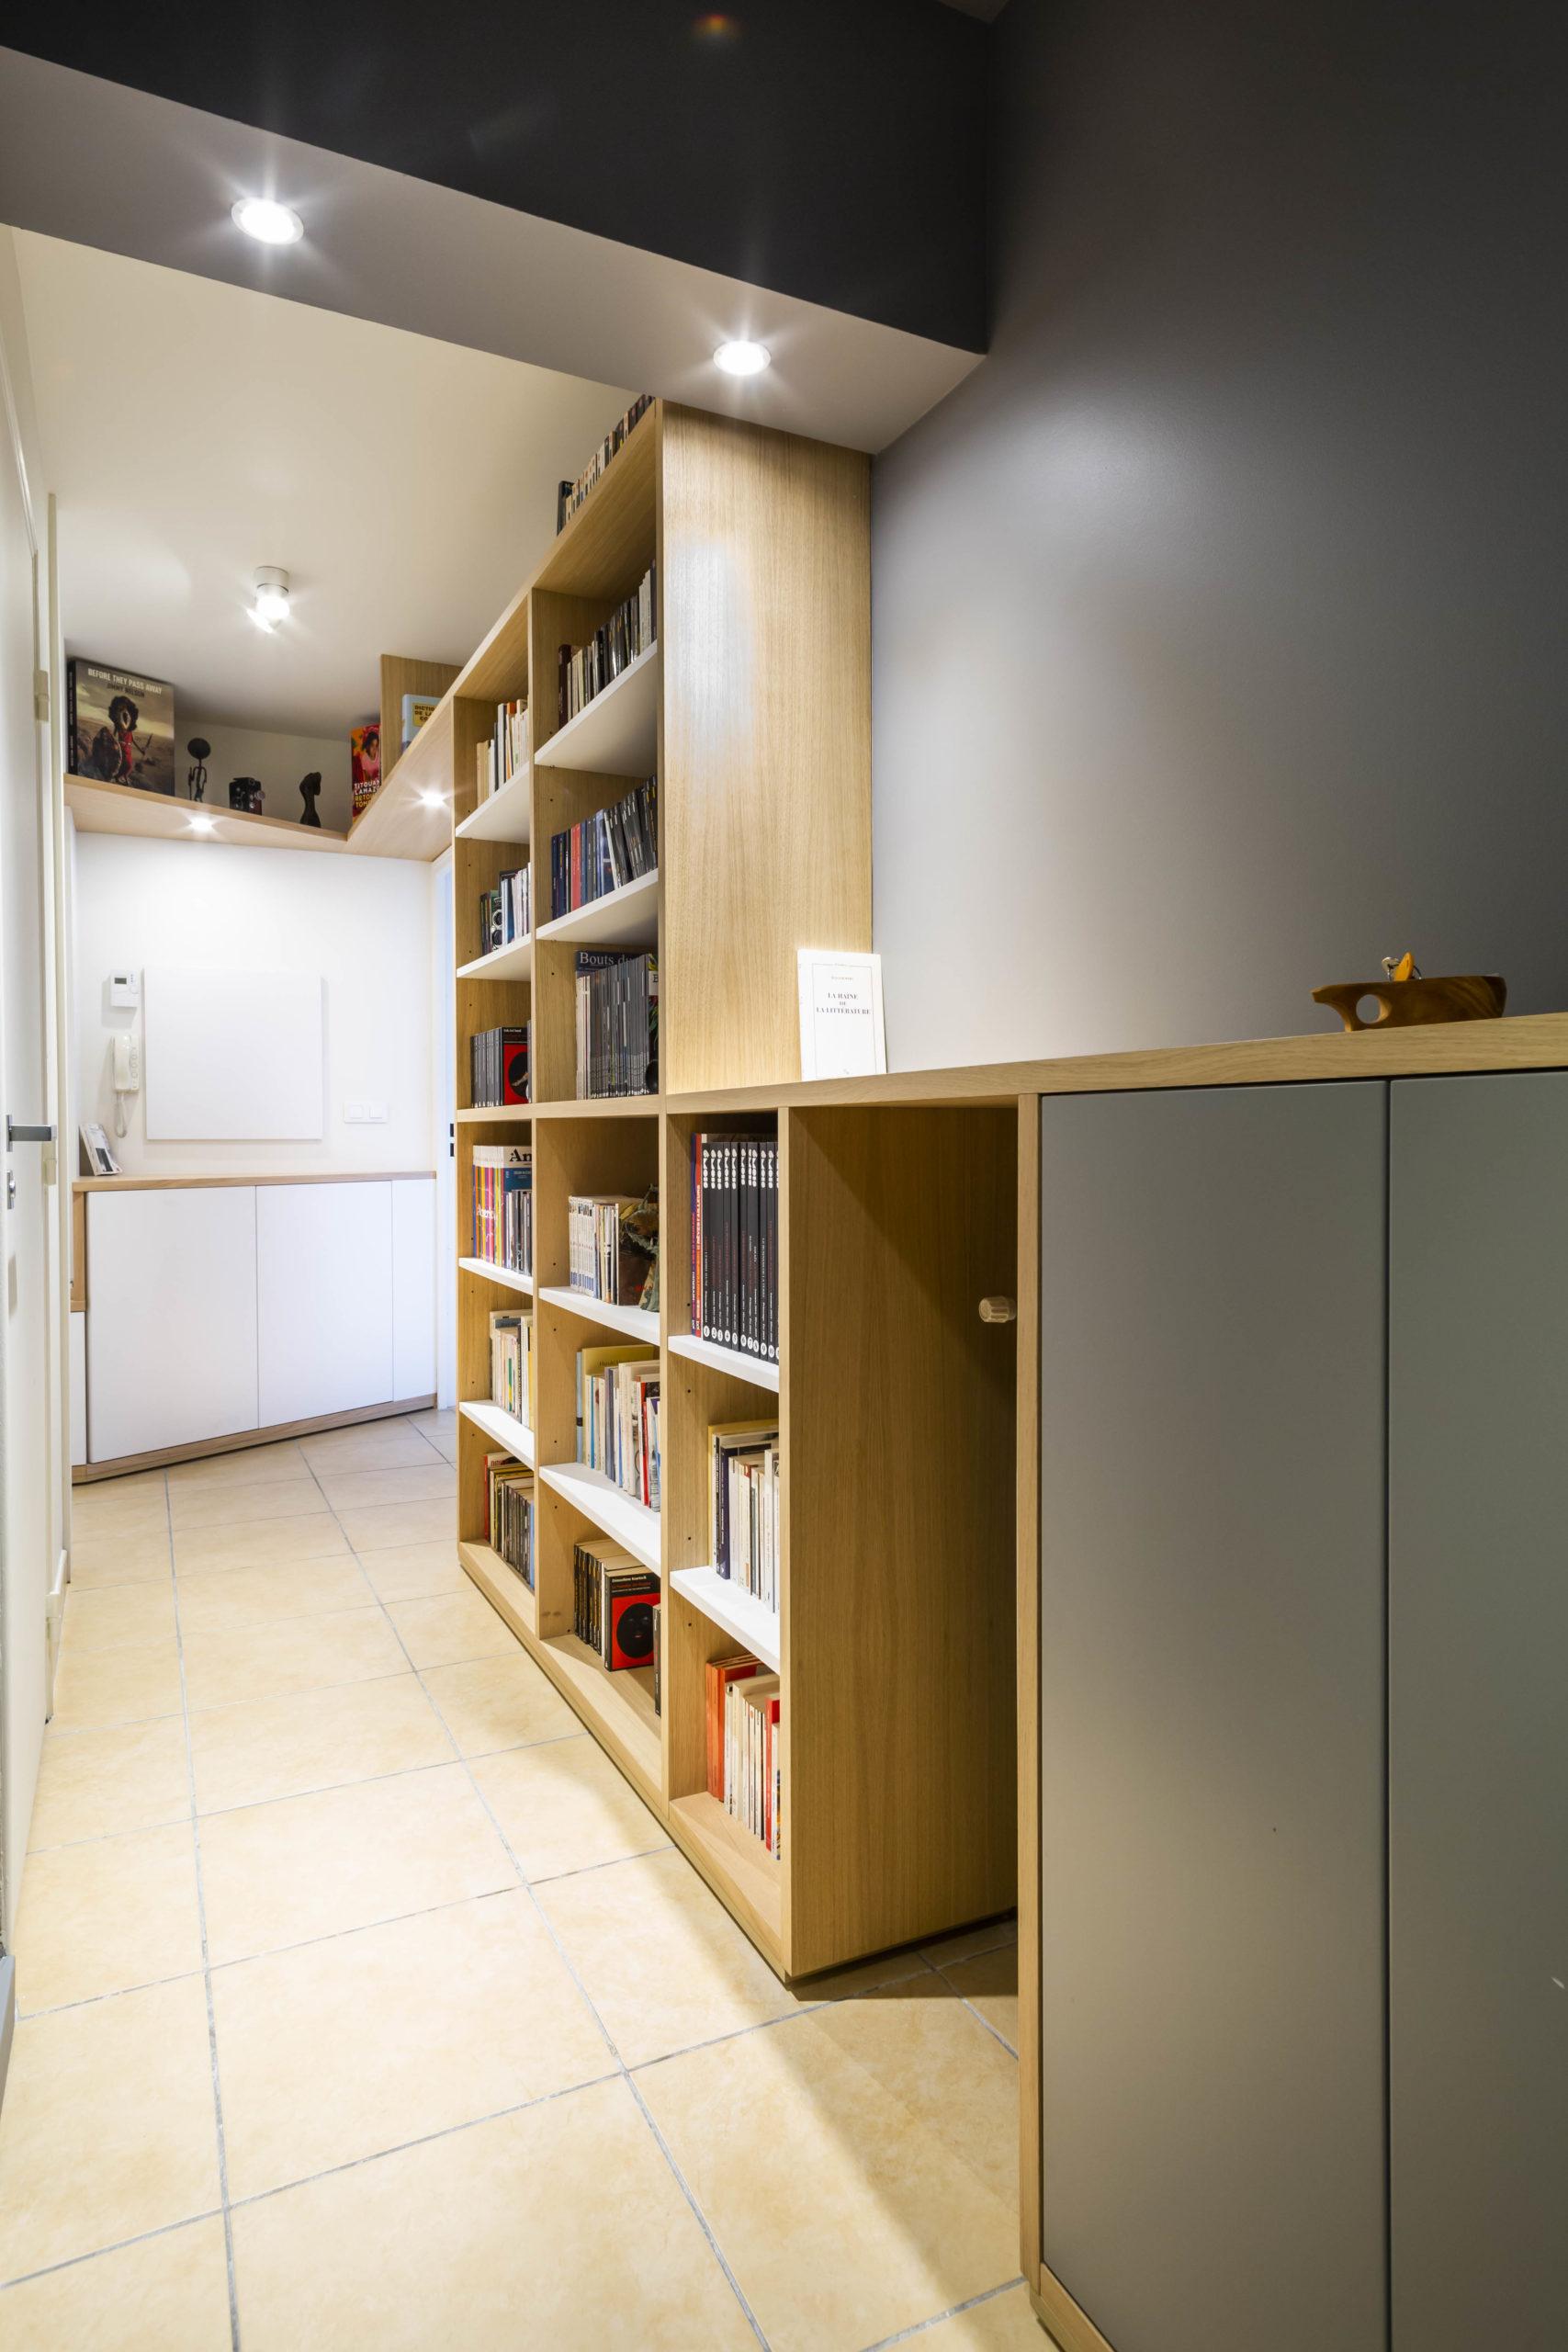 Atelier Plurielles Architectures Réaménagement appartement Anglet - bibliothéque